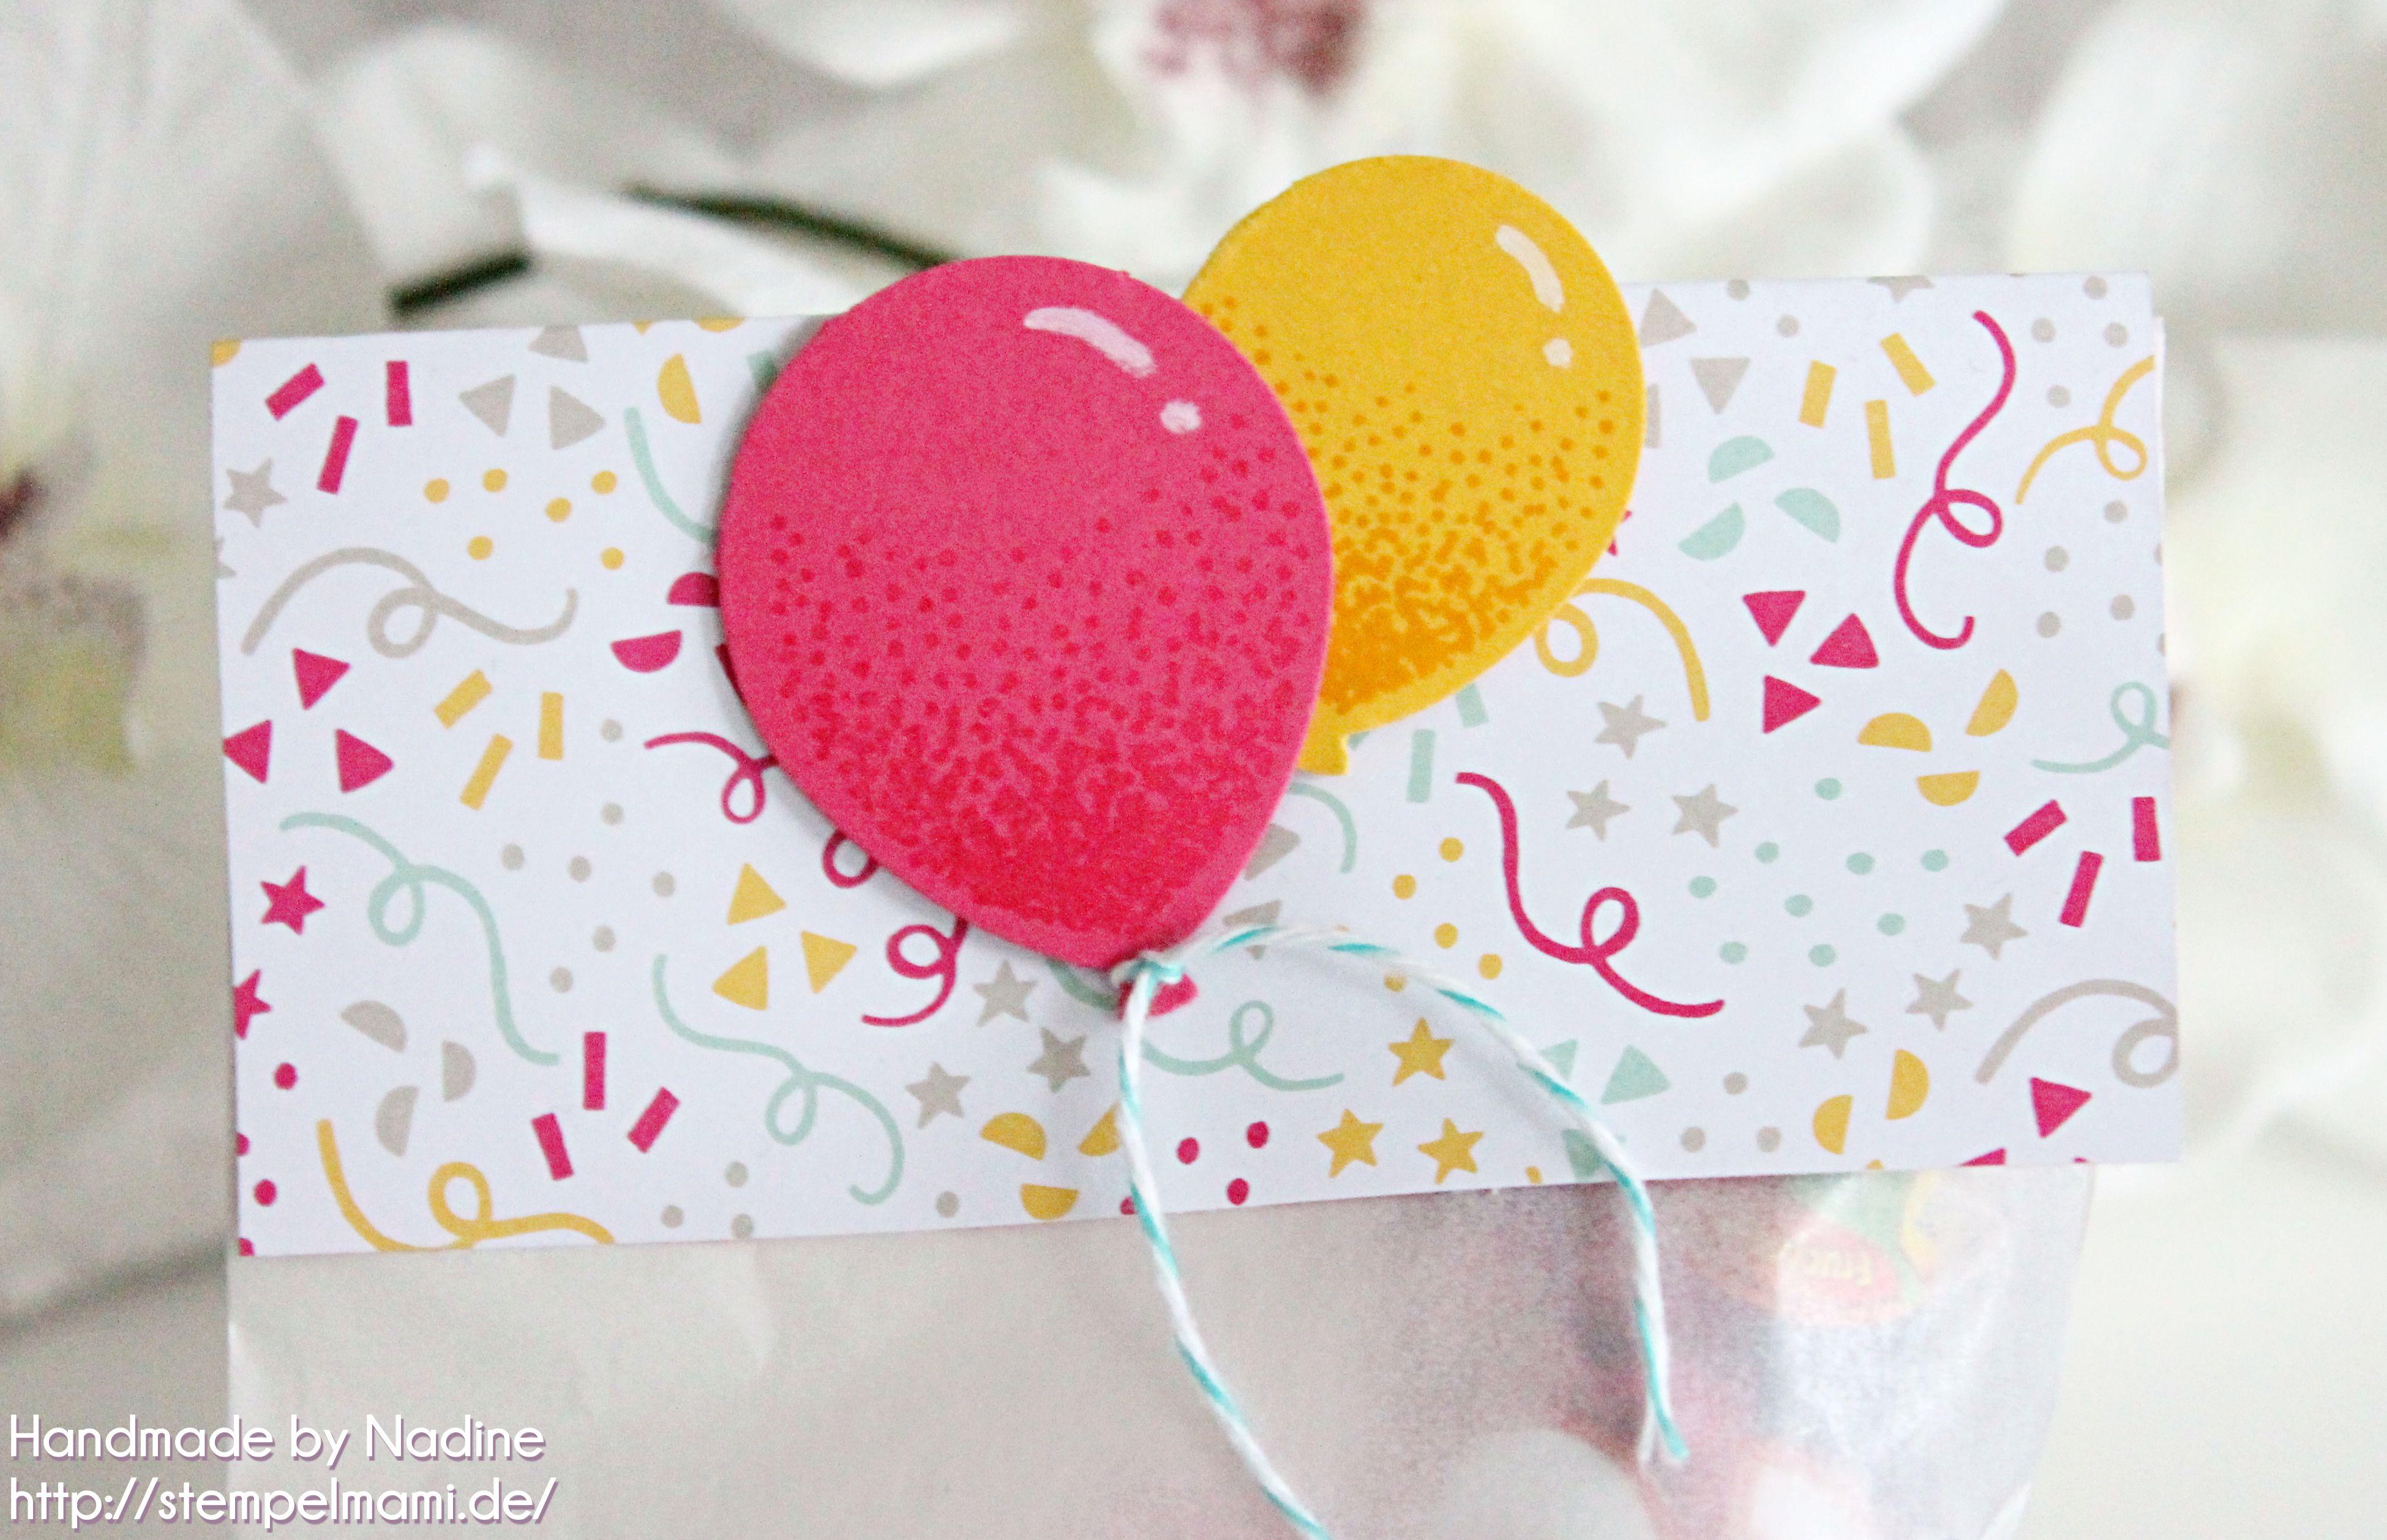 stampin up kindergeburtstag goodie stempelmami gastgeschenk give away verpackung luftballon 4